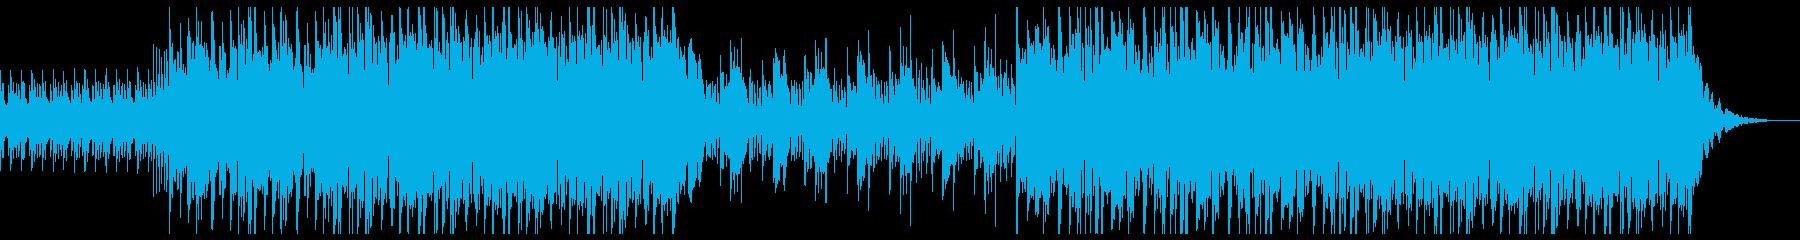 移動中の表現などに適したBGMの再生済みの波形